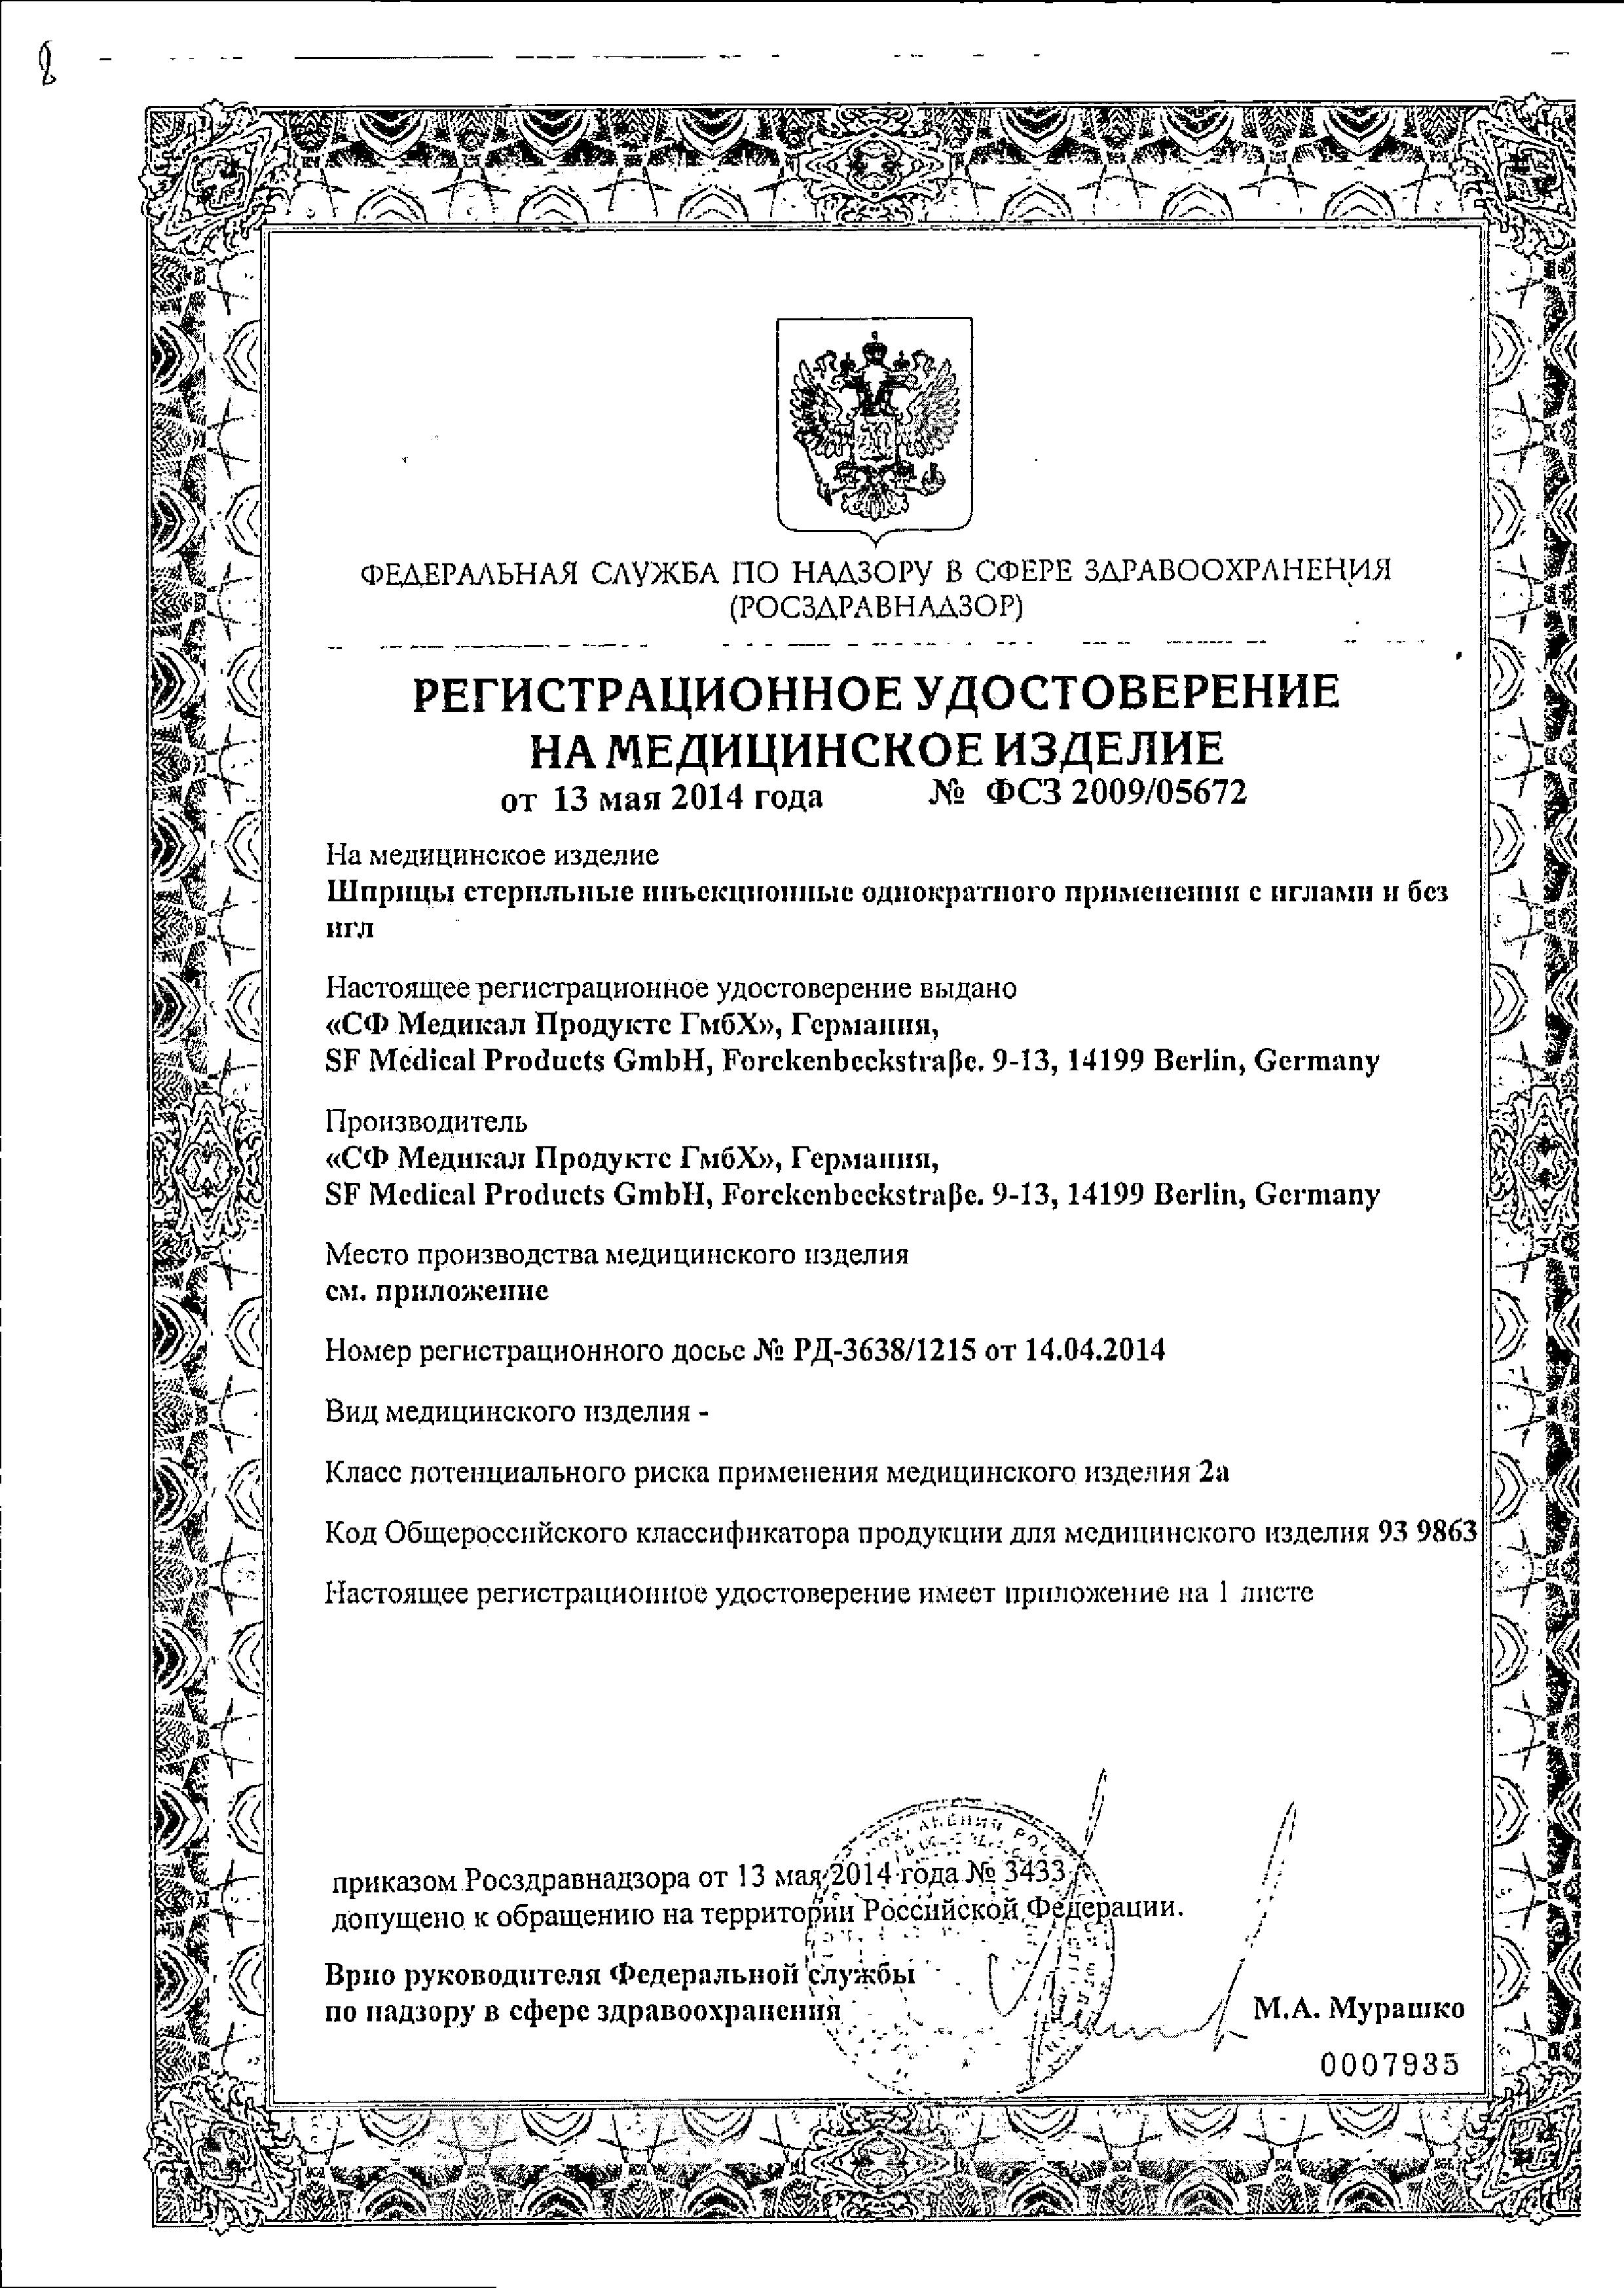 Шприцы стерильные инъекционные однократного применения сертификат